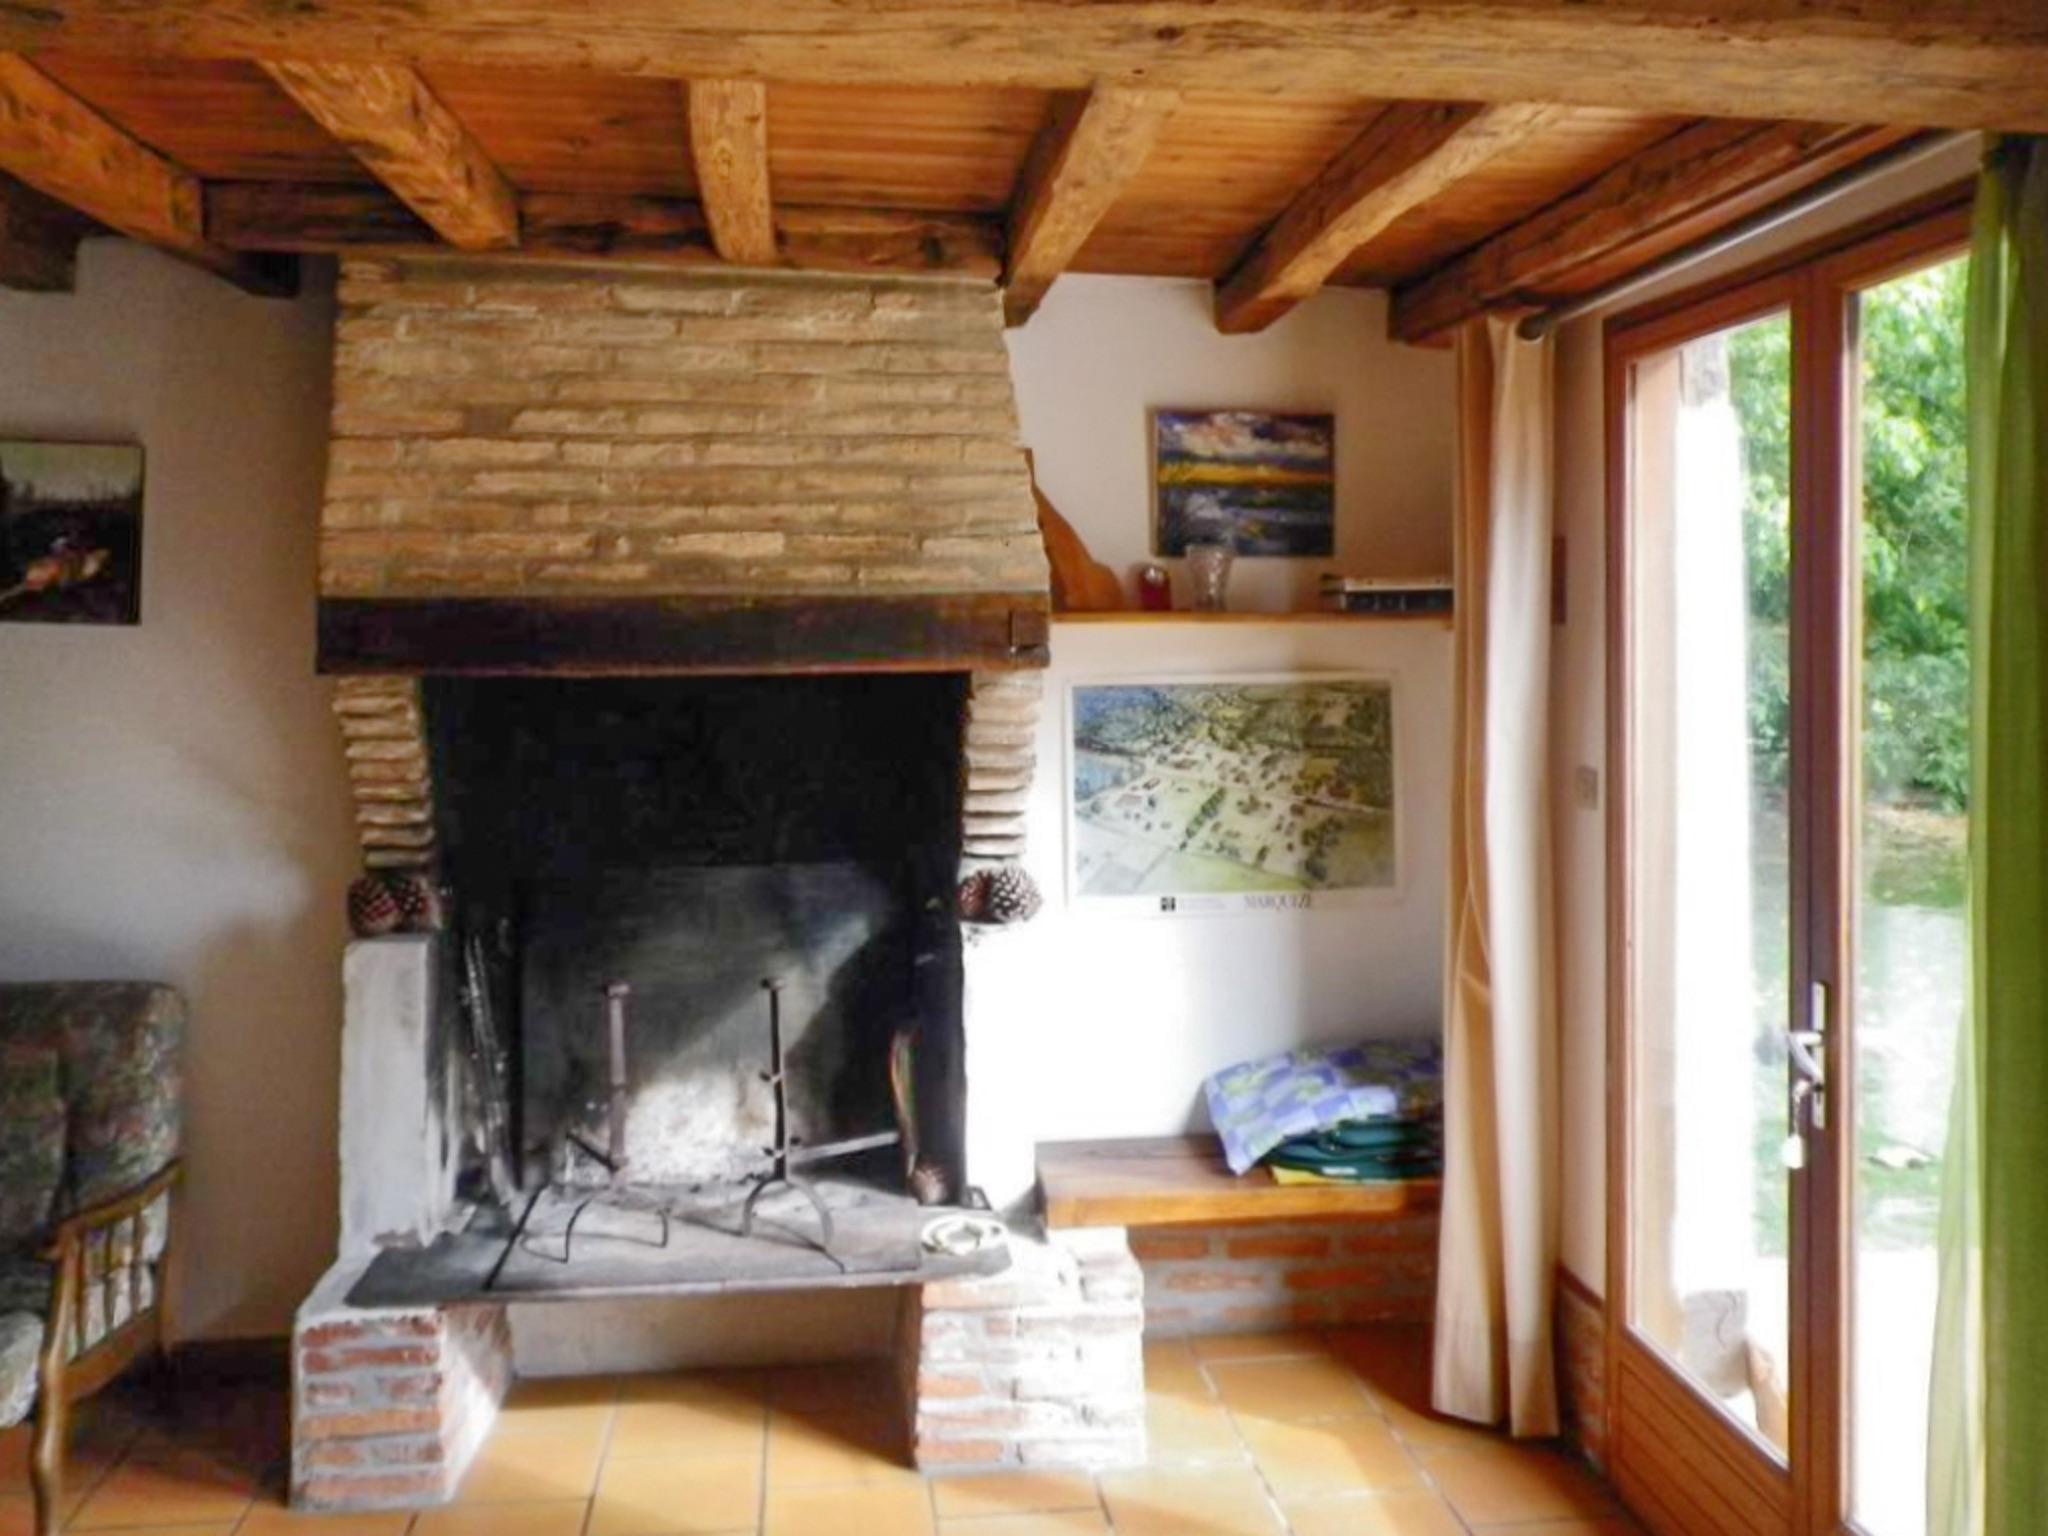 Ferienhaus Villa mit 4 Zimmern in Trensacq mit privatem Pool und möbliertem Garten - 45 km vom Strand (2202366), Trensacq, Landes, Aquitanien, Frankreich, Bild 13